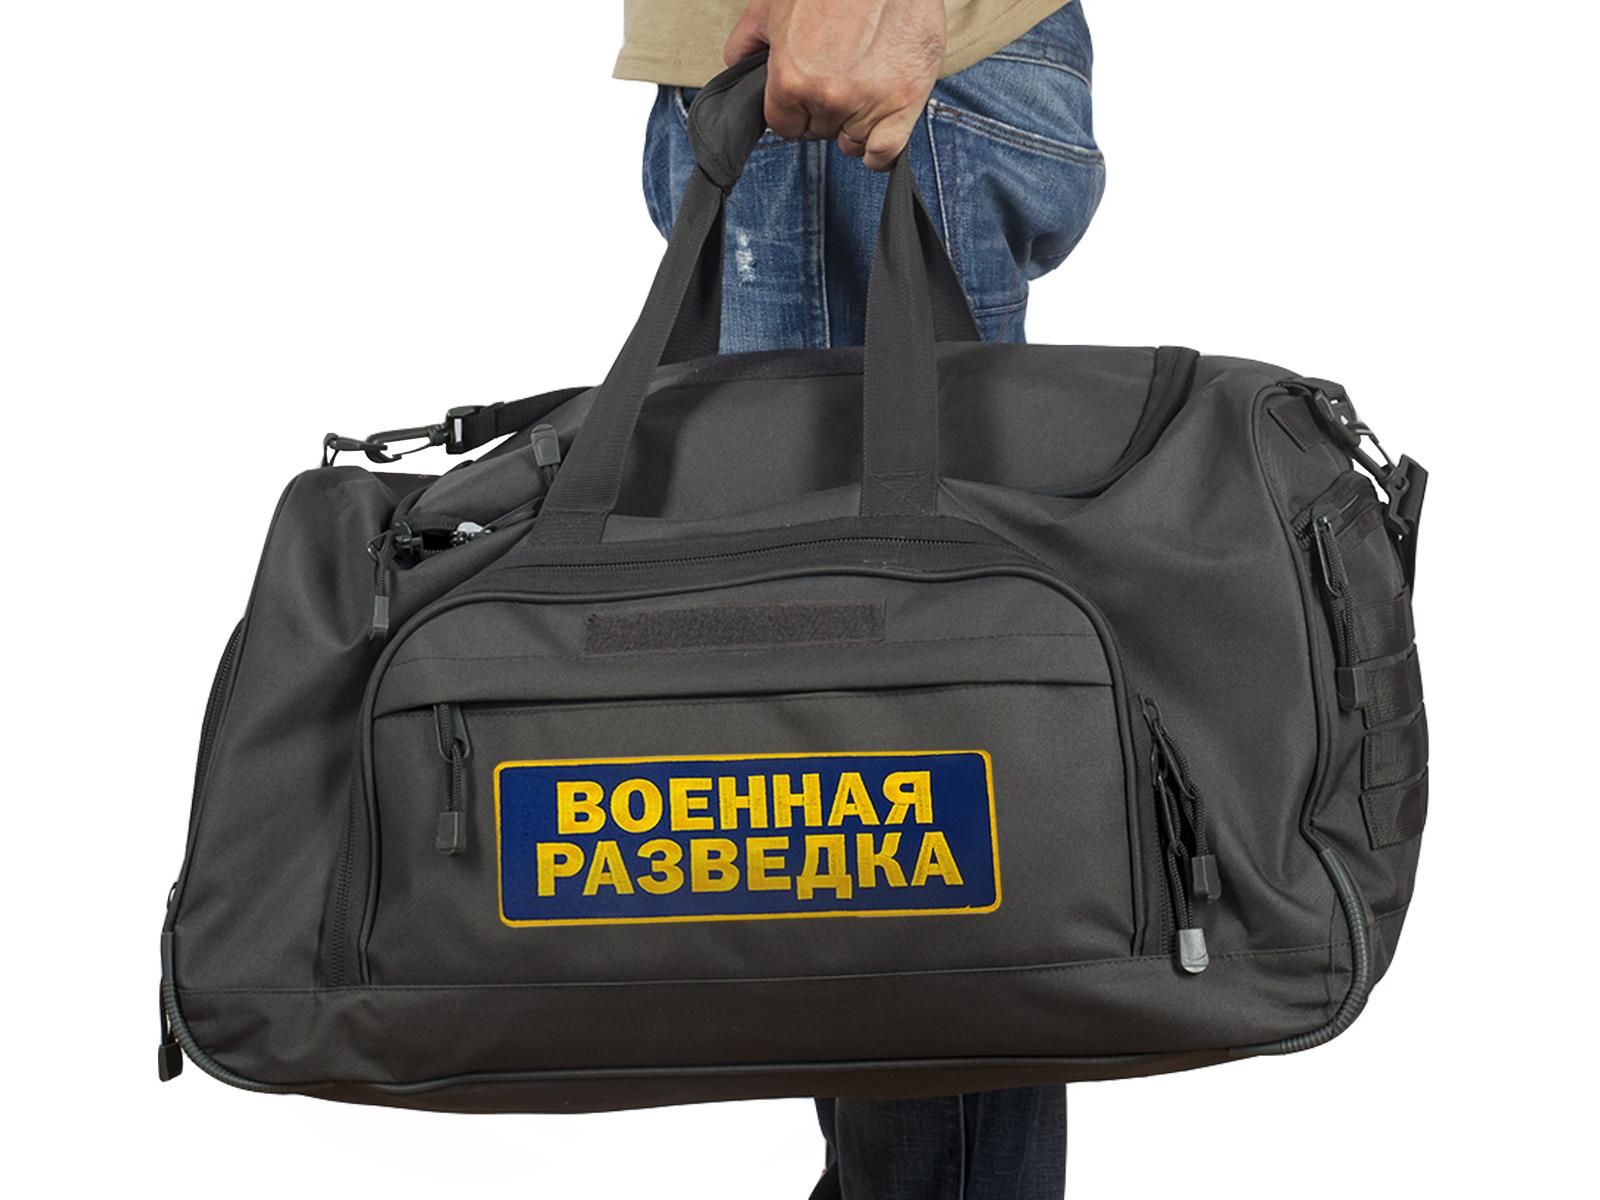 Купить походную сумку разведчика в военторге Военпро